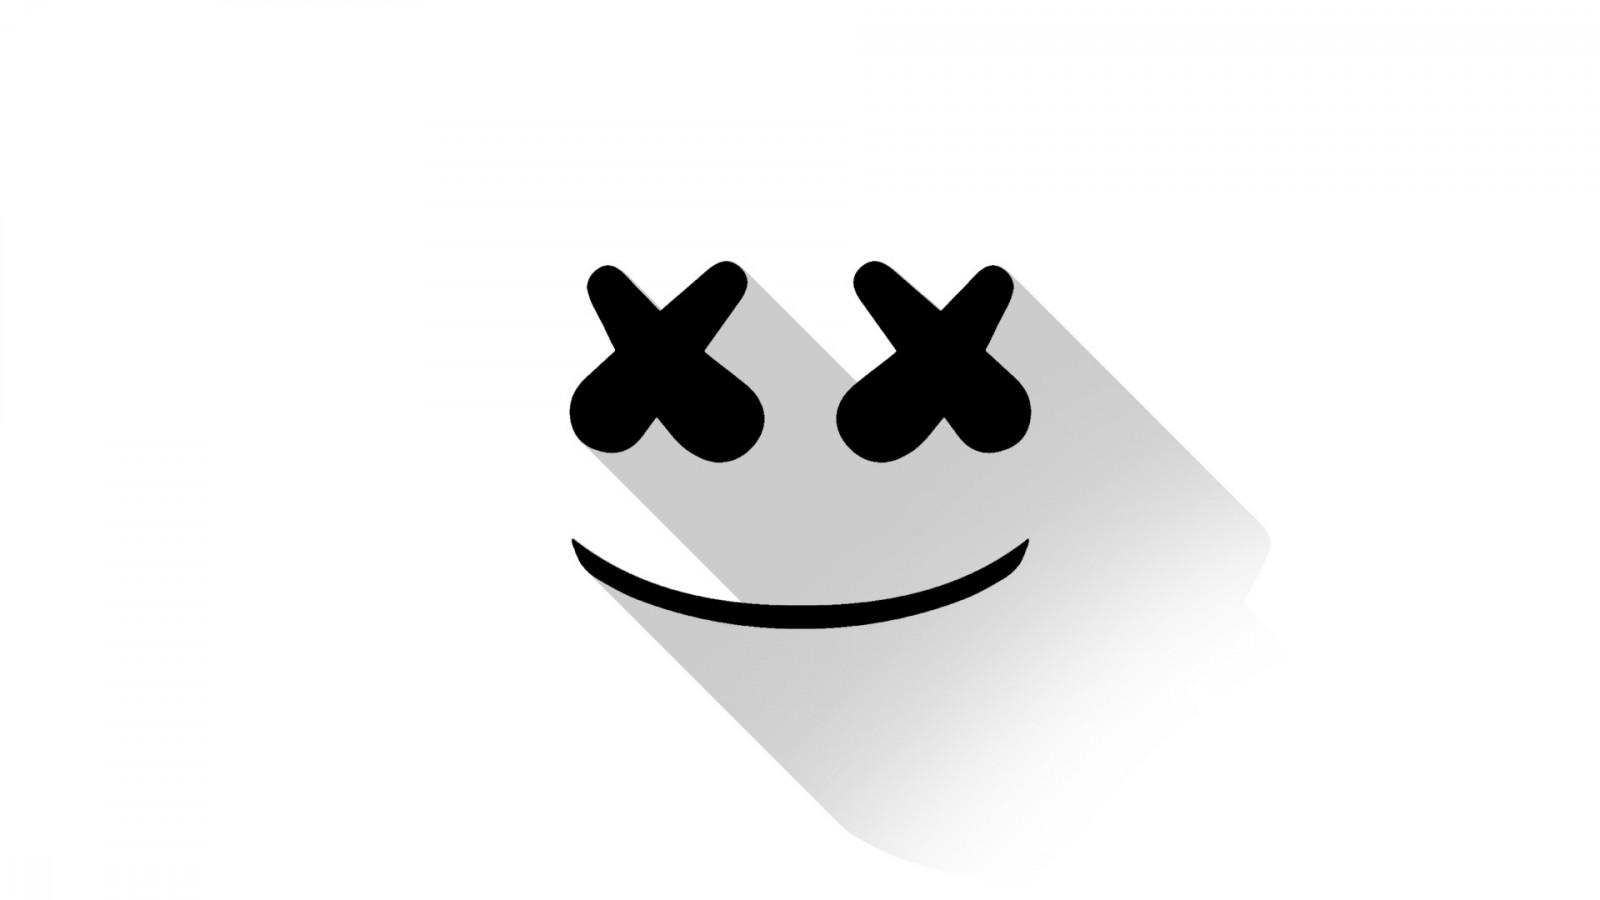 デスクトップ壁紙 図 ロゴ 漫画 Marshmello ブランド ハンド